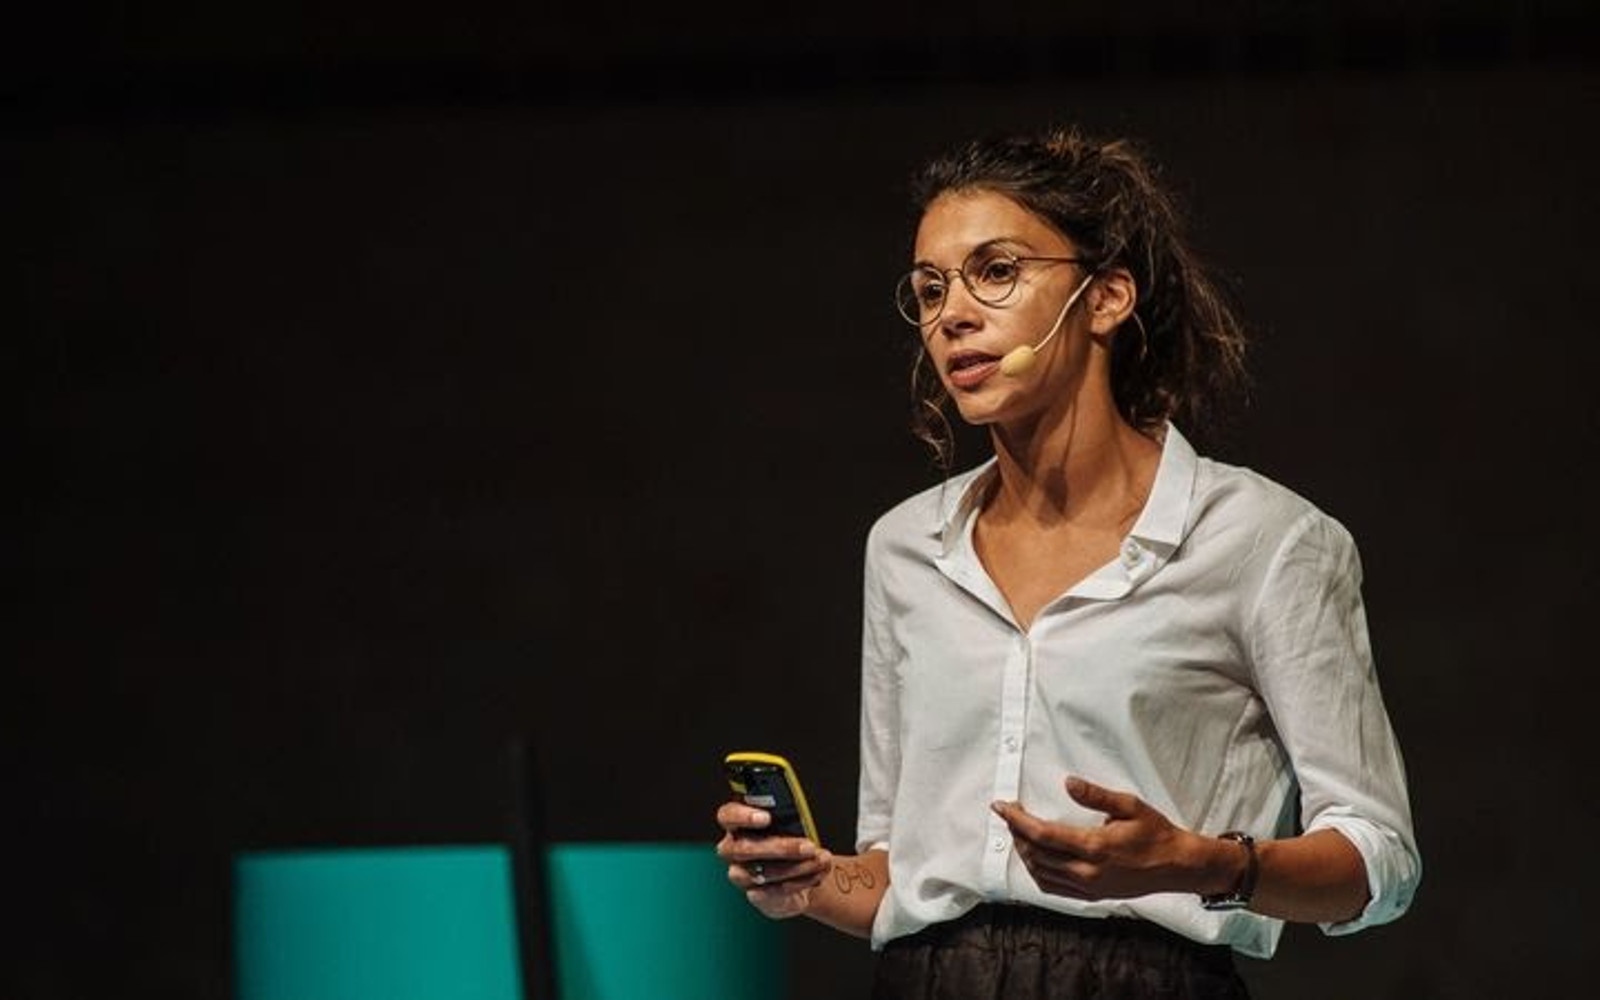 Conheça quem são os keynote speakers do SXSW 2019